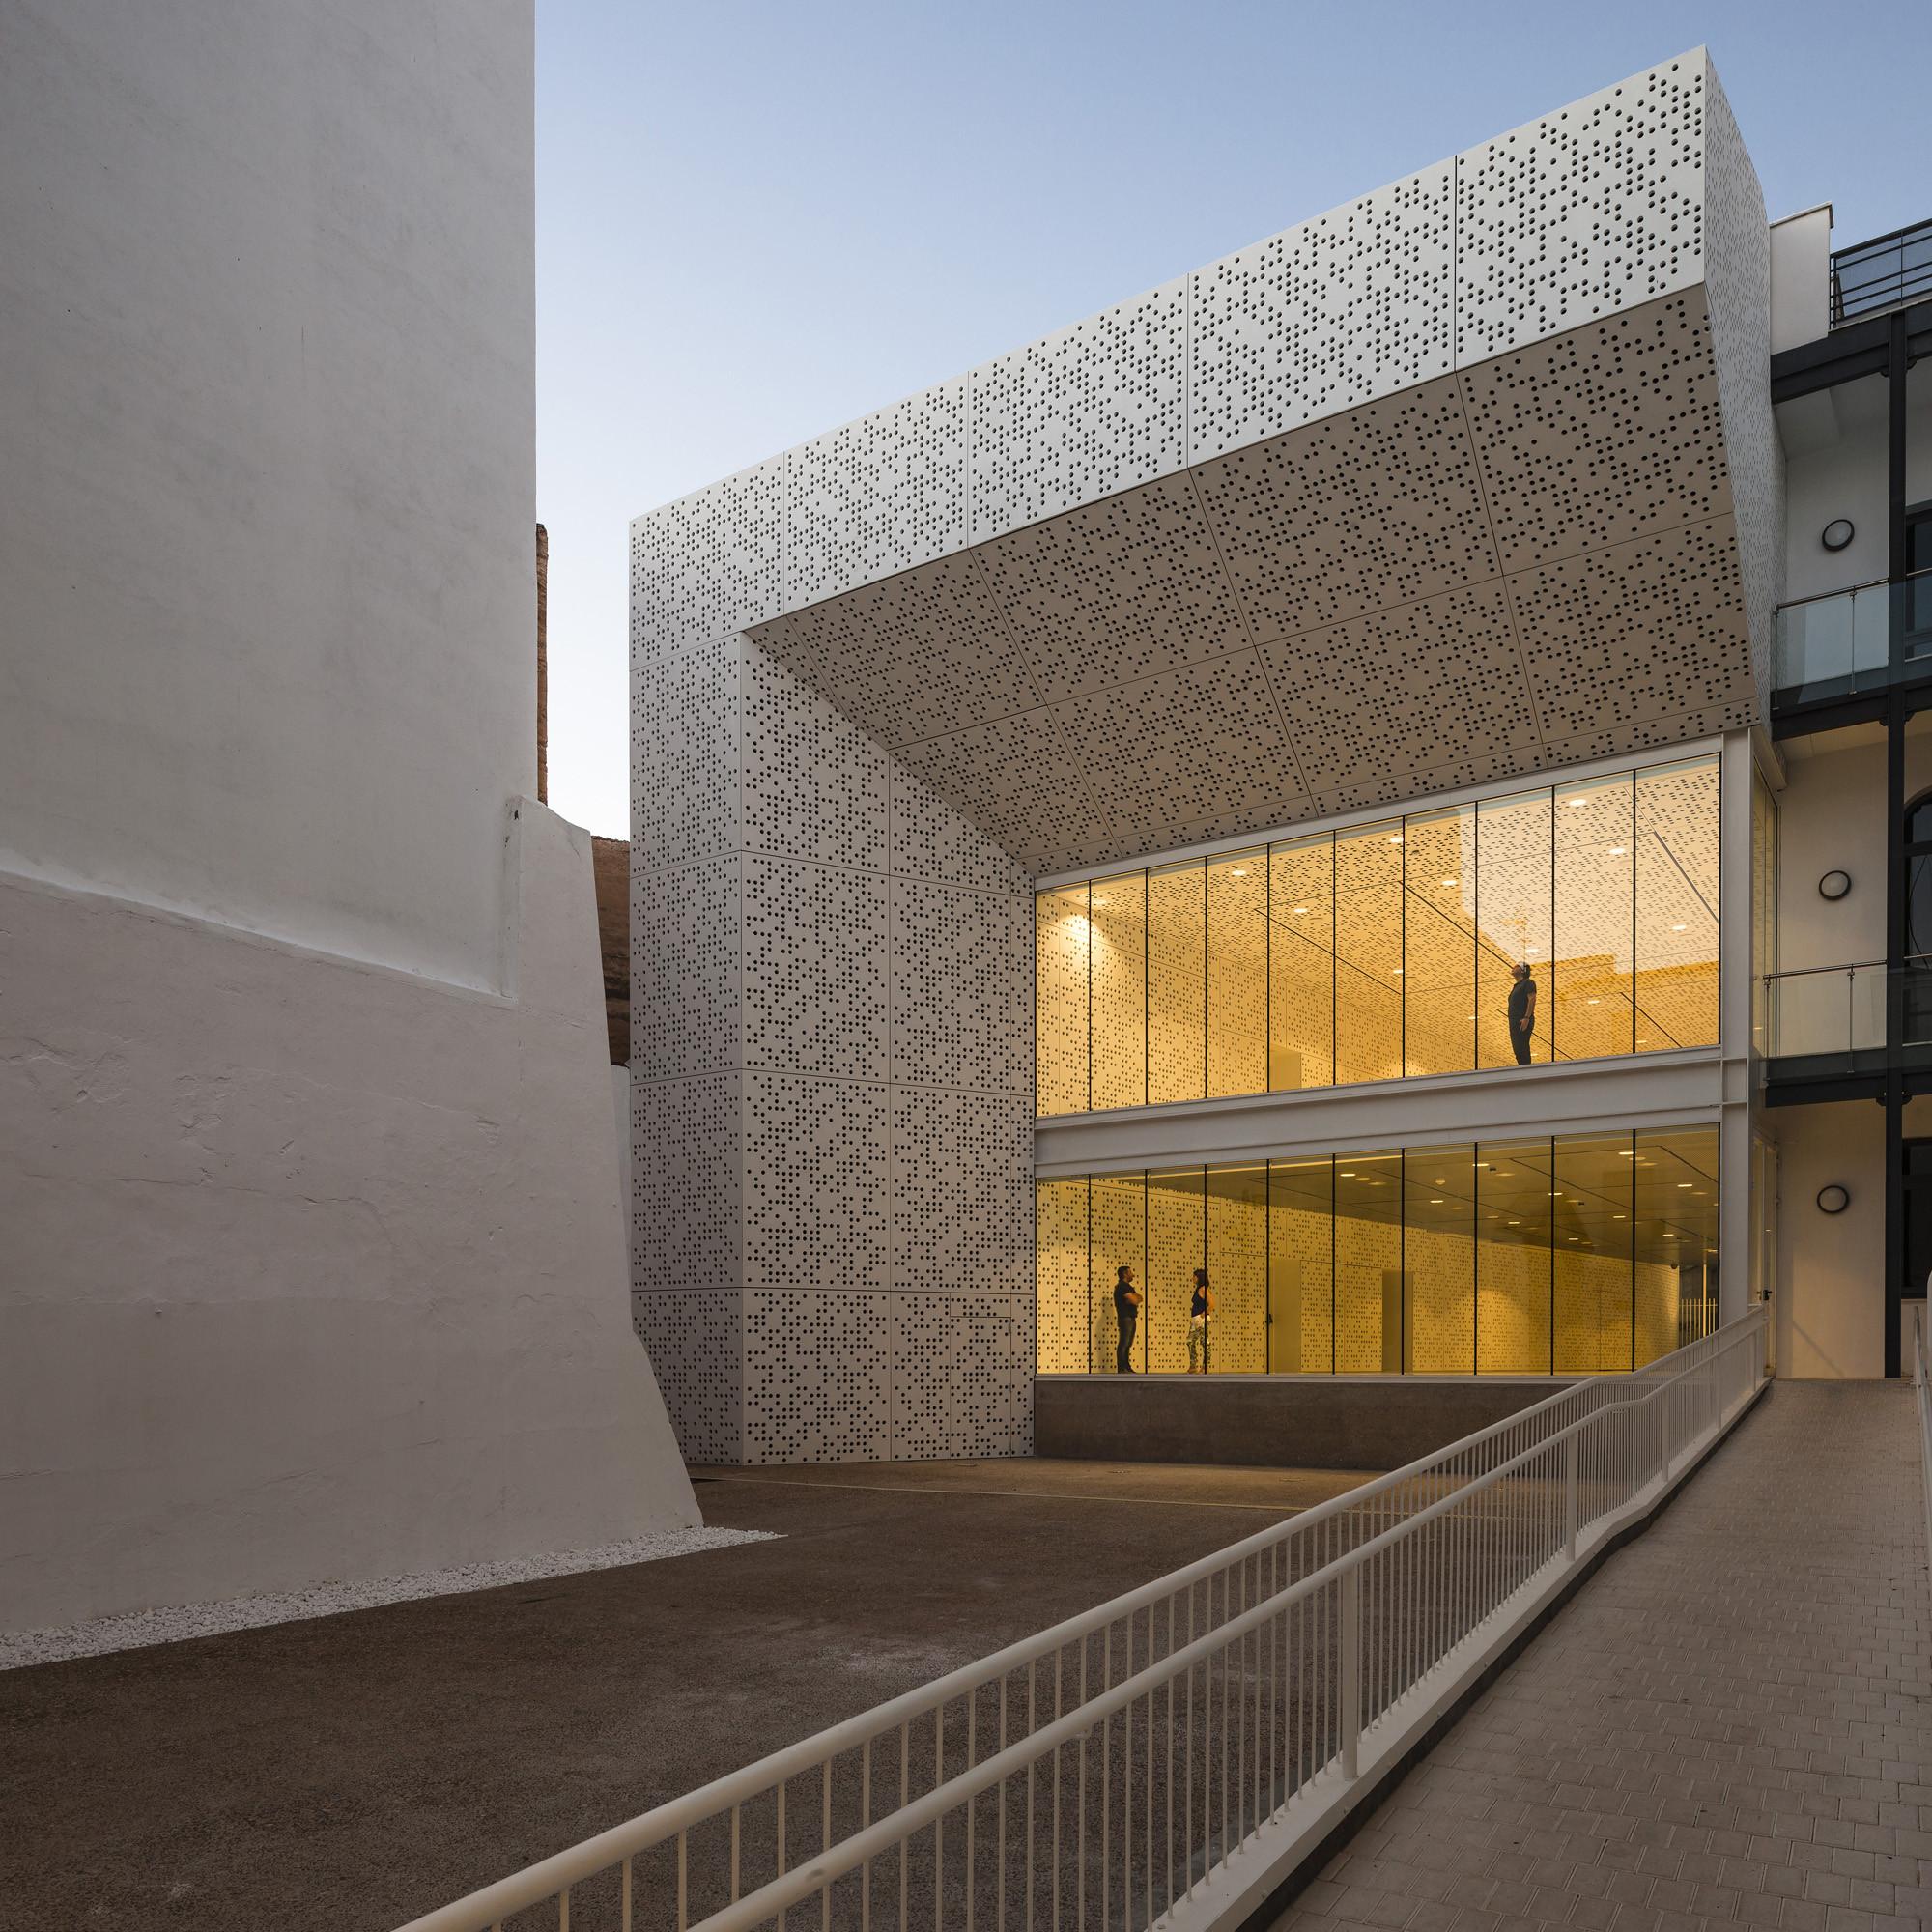 Fine Arts Museum / Estudio Hago, © Fernando Alda